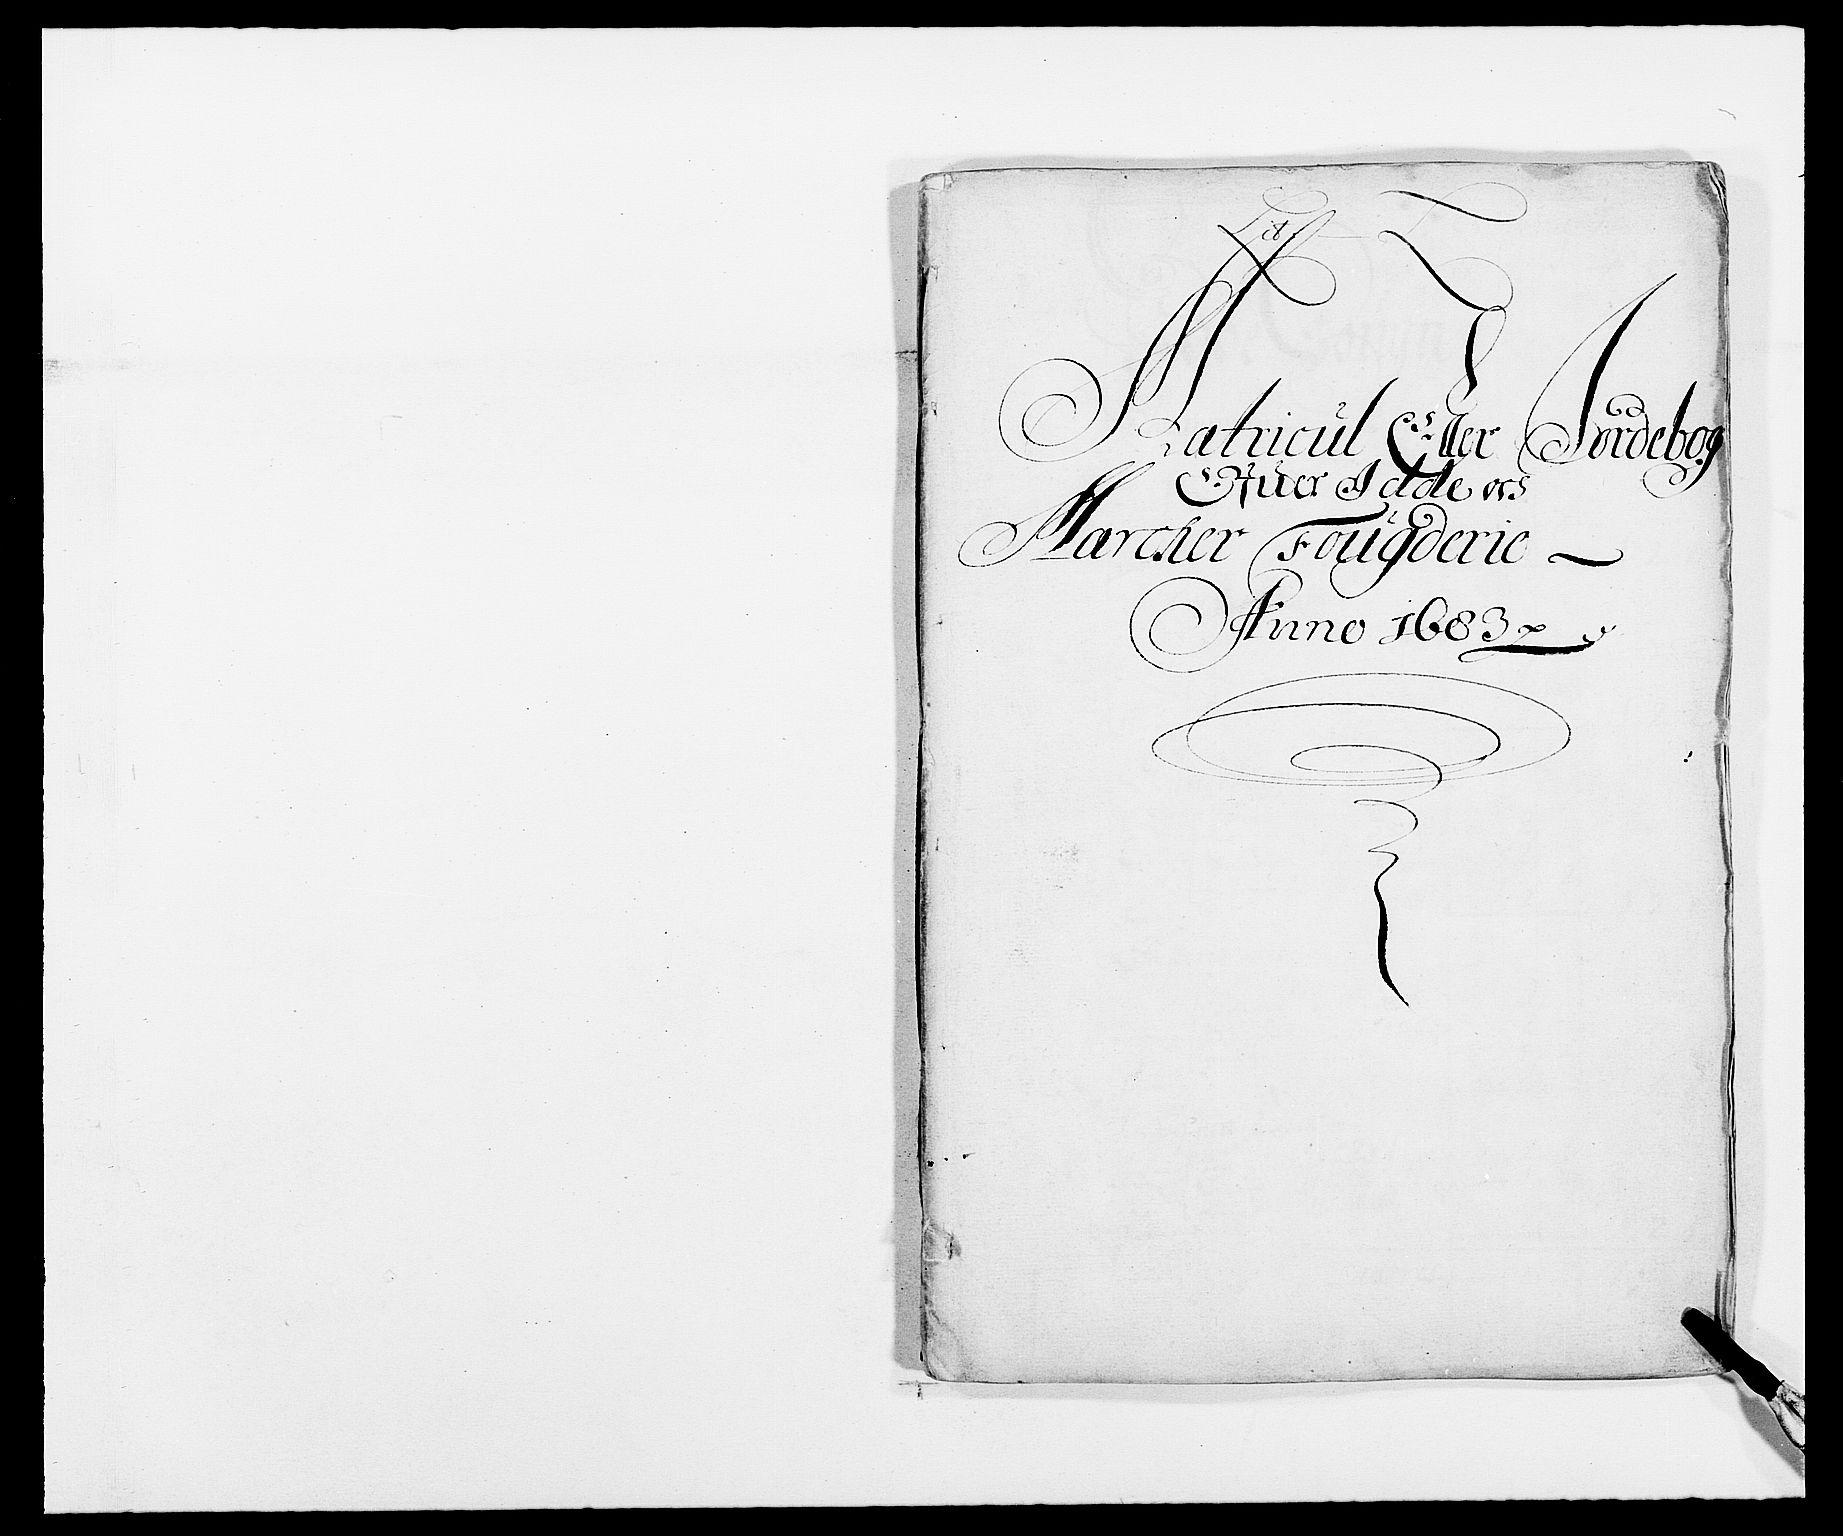 RA, Rentekammeret inntil 1814, Reviderte regnskaper, Fogderegnskap, R01/L0004: Fogderegnskap Idd og Marker , 1682-1683, s. 174